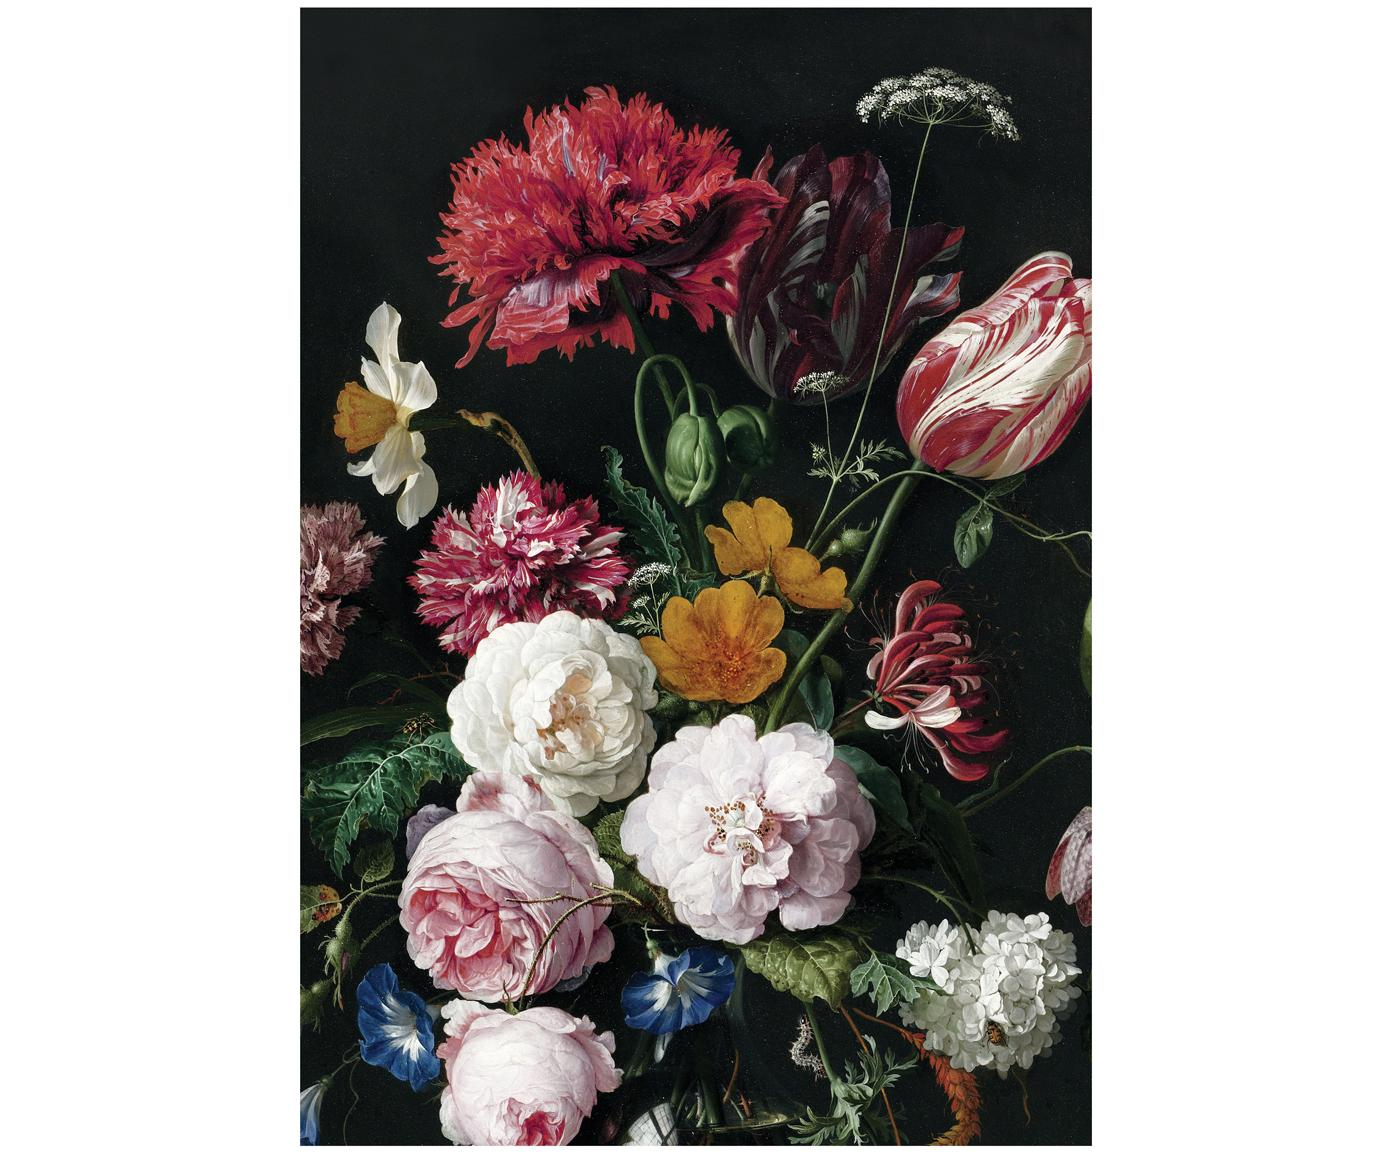 Fototapeta Golden Age Flowers, Włóknina, przyjazna dla środowiska, biodegradowalna, Wielobarwny, matowy, S 196 x W 280 cm